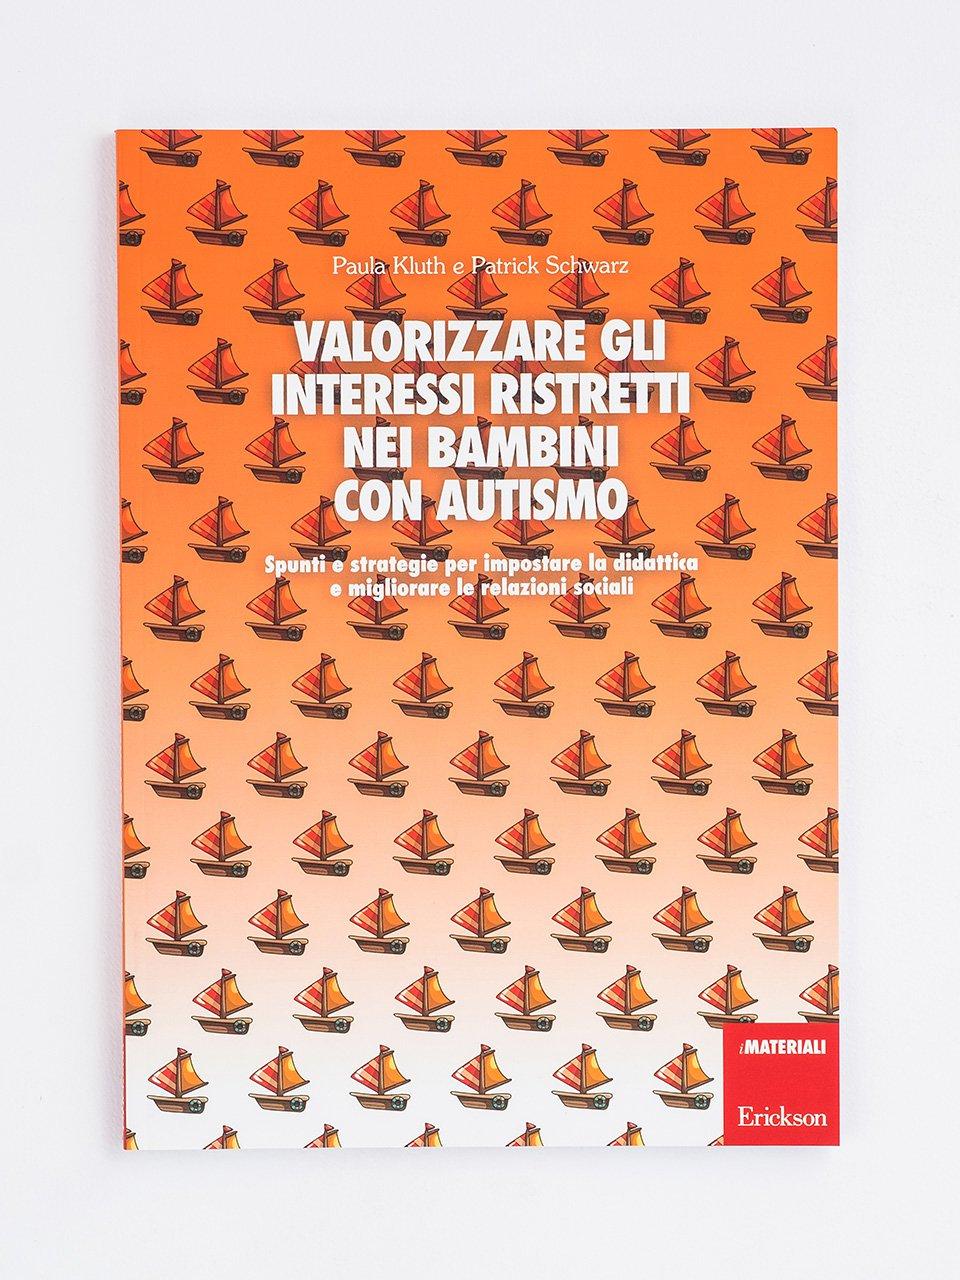 Valorizzare gli interessi ristretti nei bambini con autismo - Vedere, pensare altre cose - Libri - Erickson